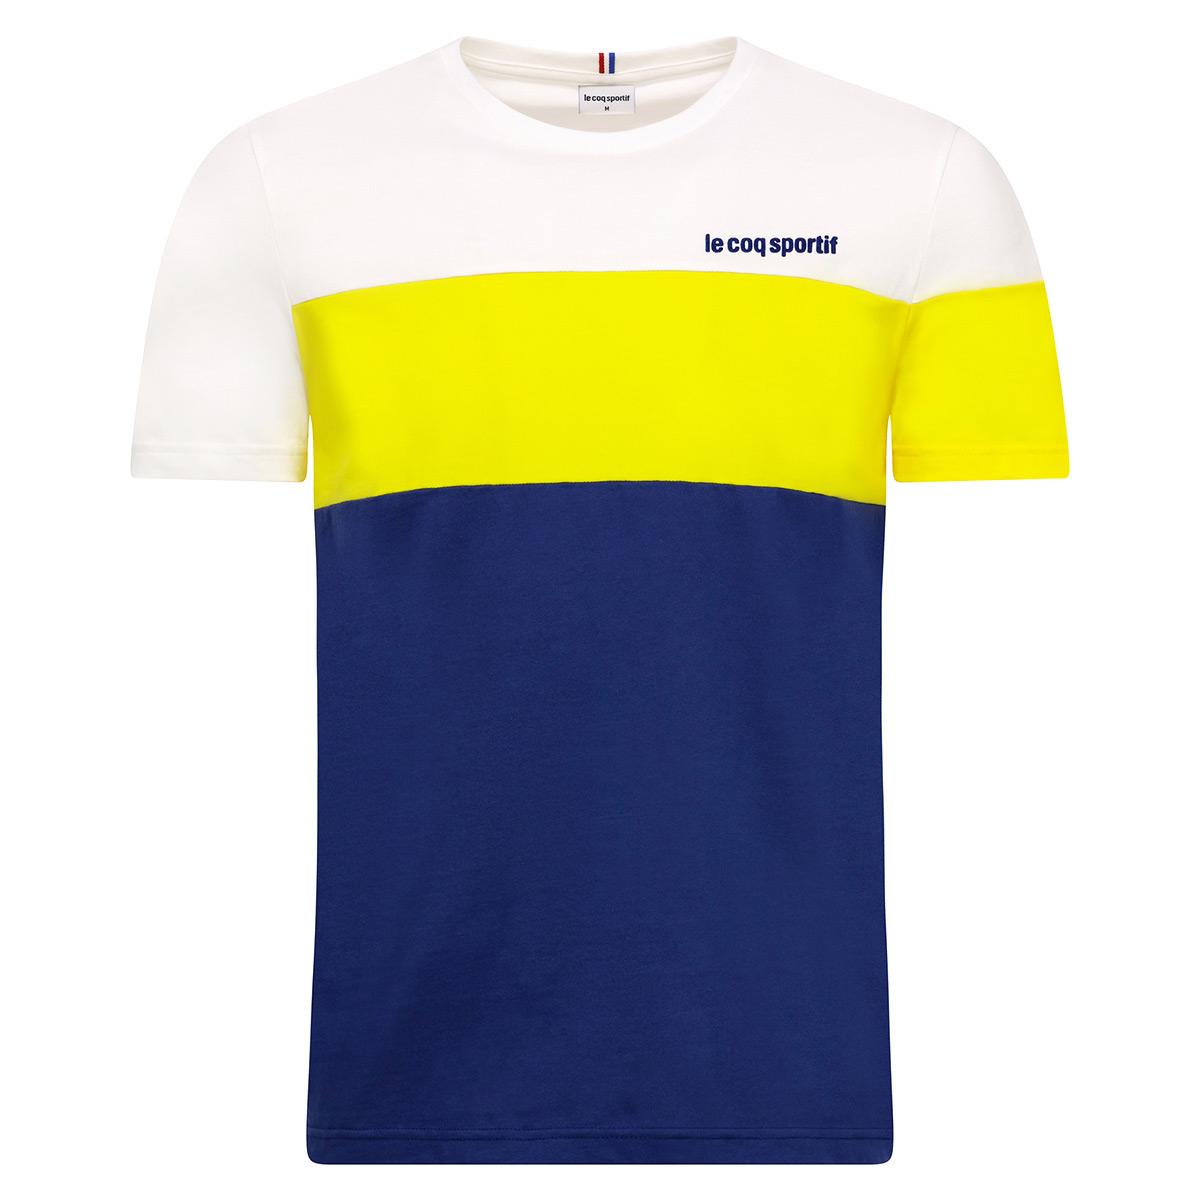 Vêtement T-Shirts Le Coq Sportif homme Ess Tee SS blues taille Bleu marine